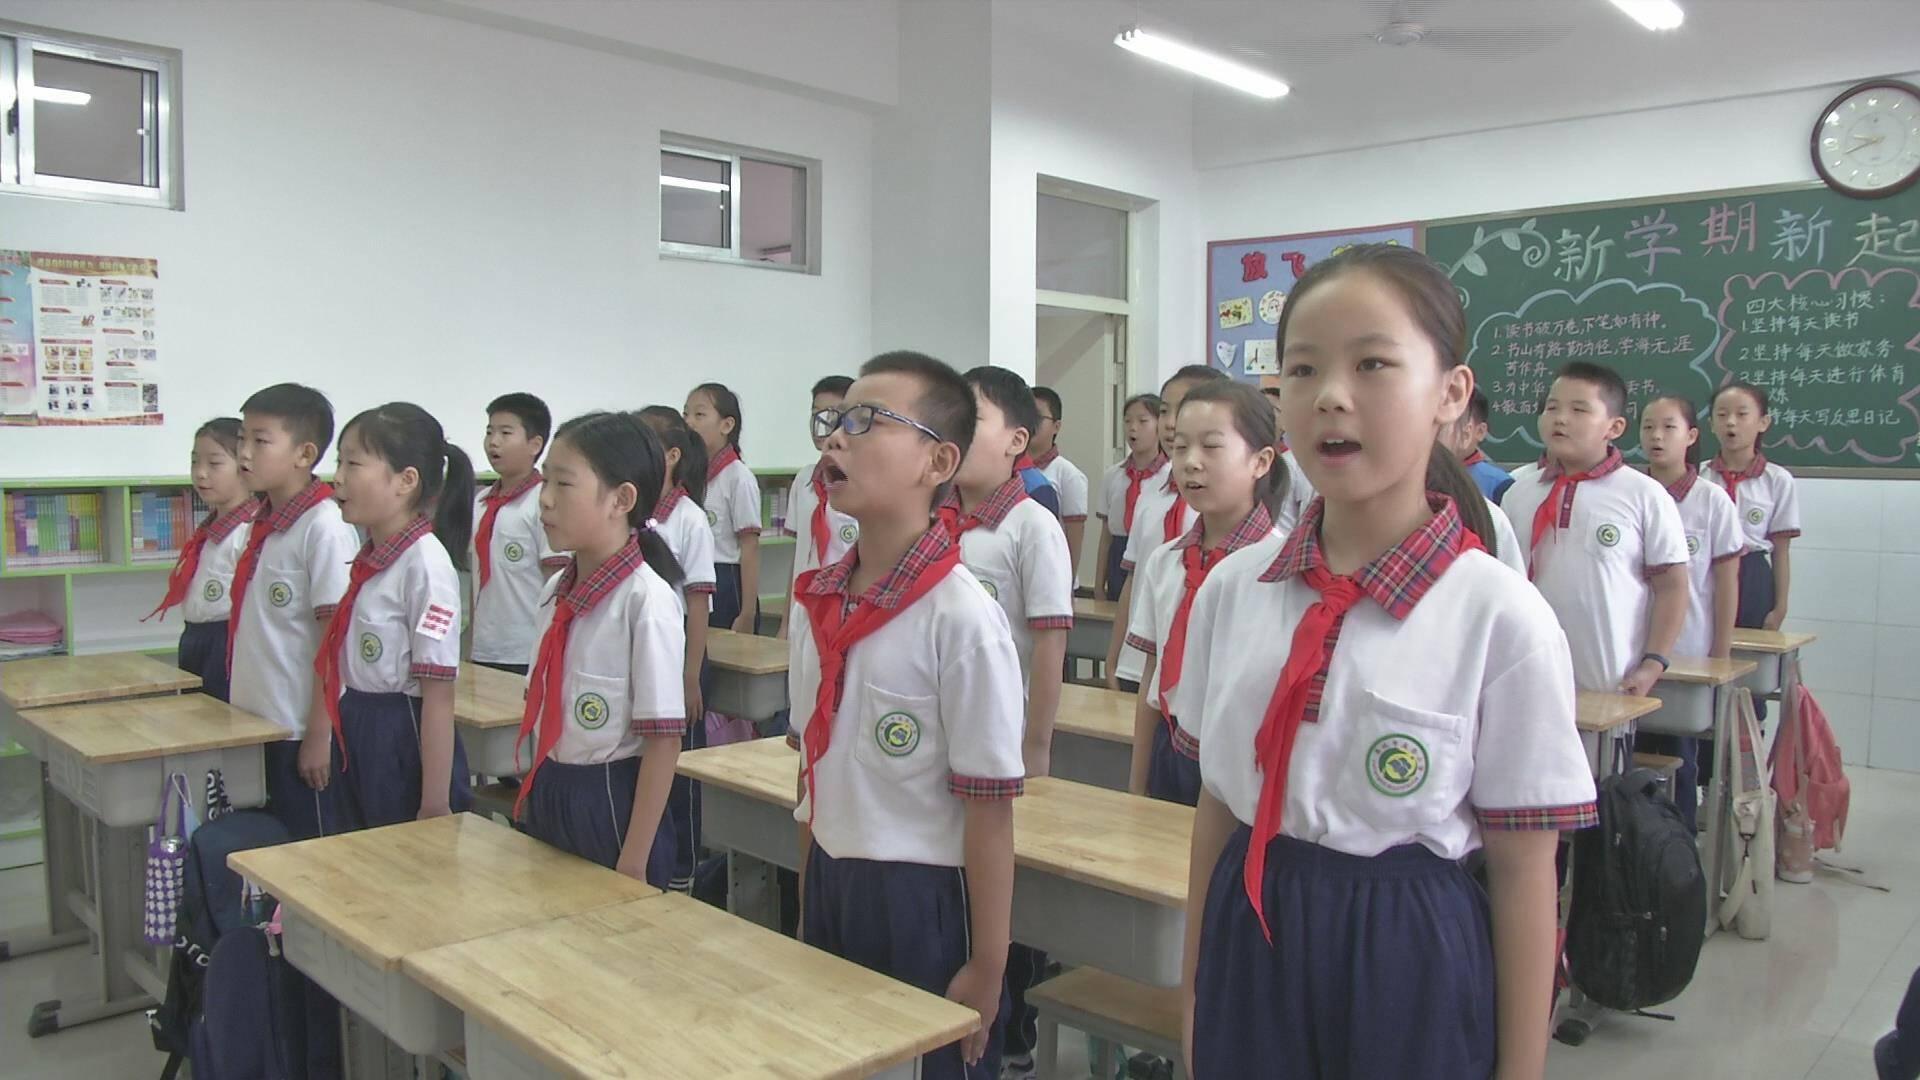 德州禹城:小学生集体诵读诗歌,共同感念师恩